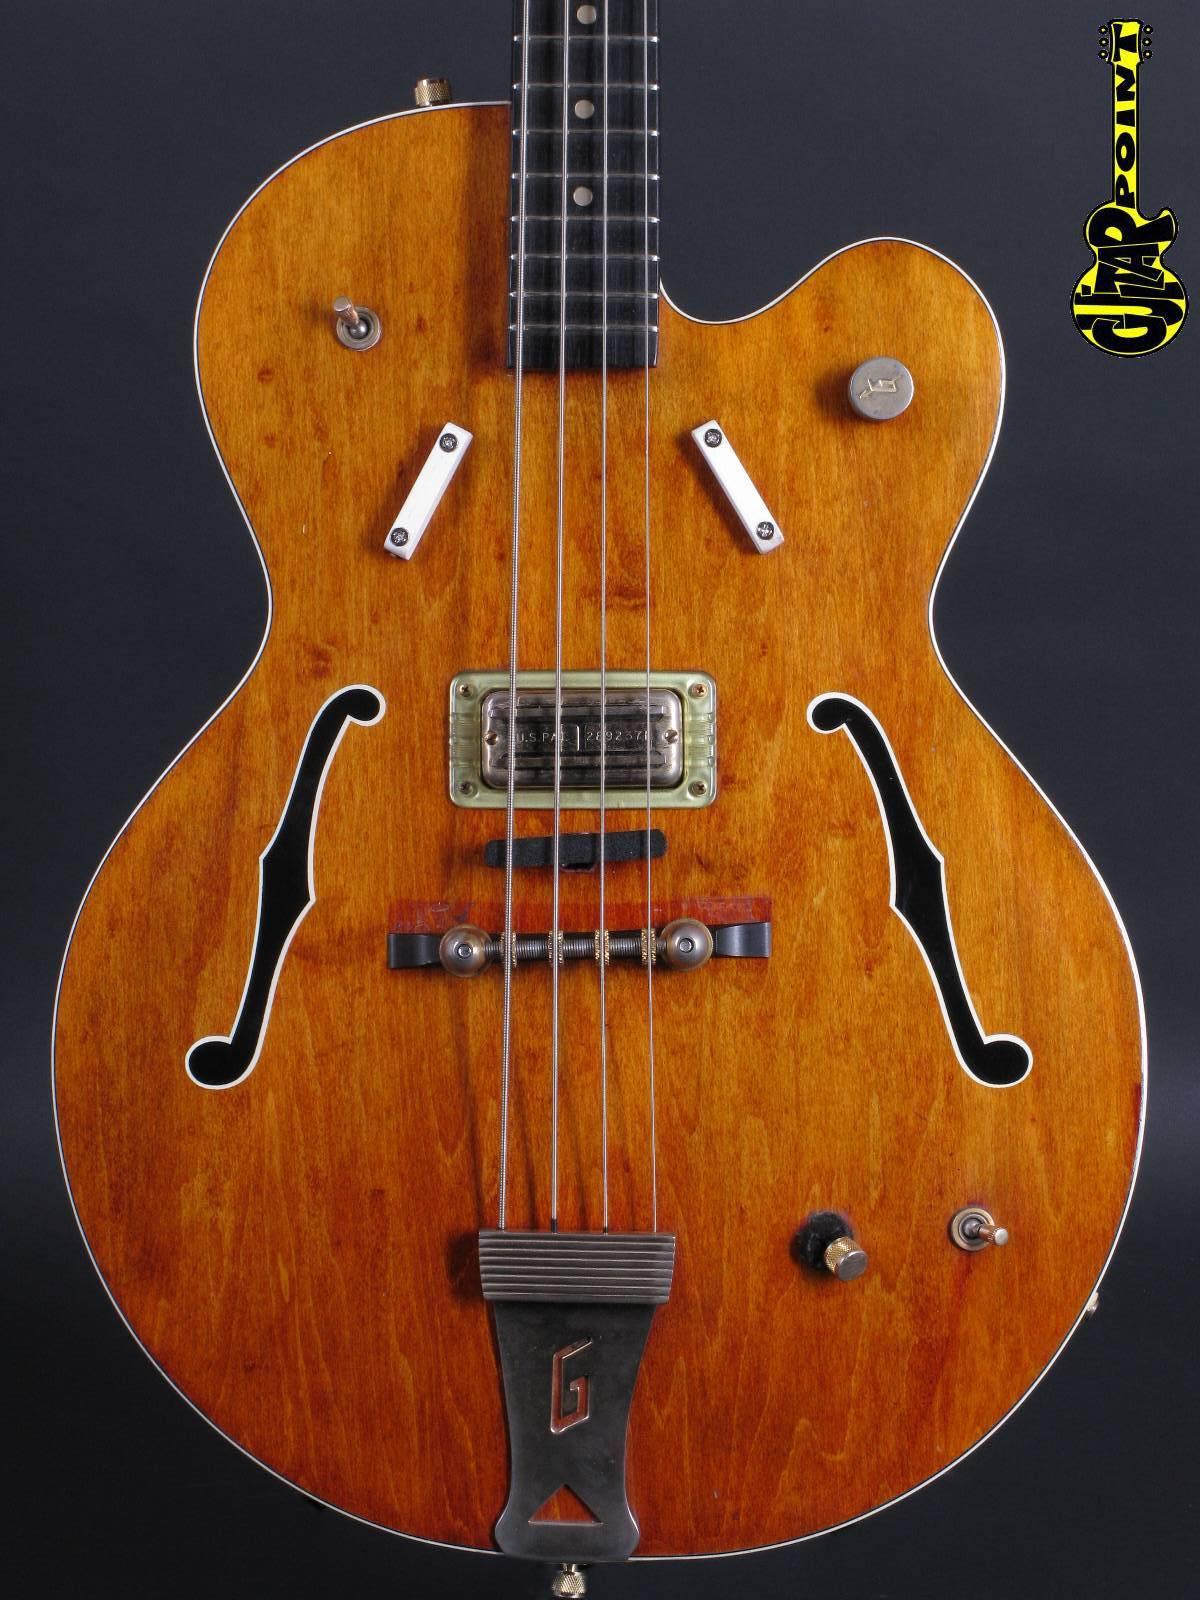 1967 Gretsch 6071 Semiacoustic bass